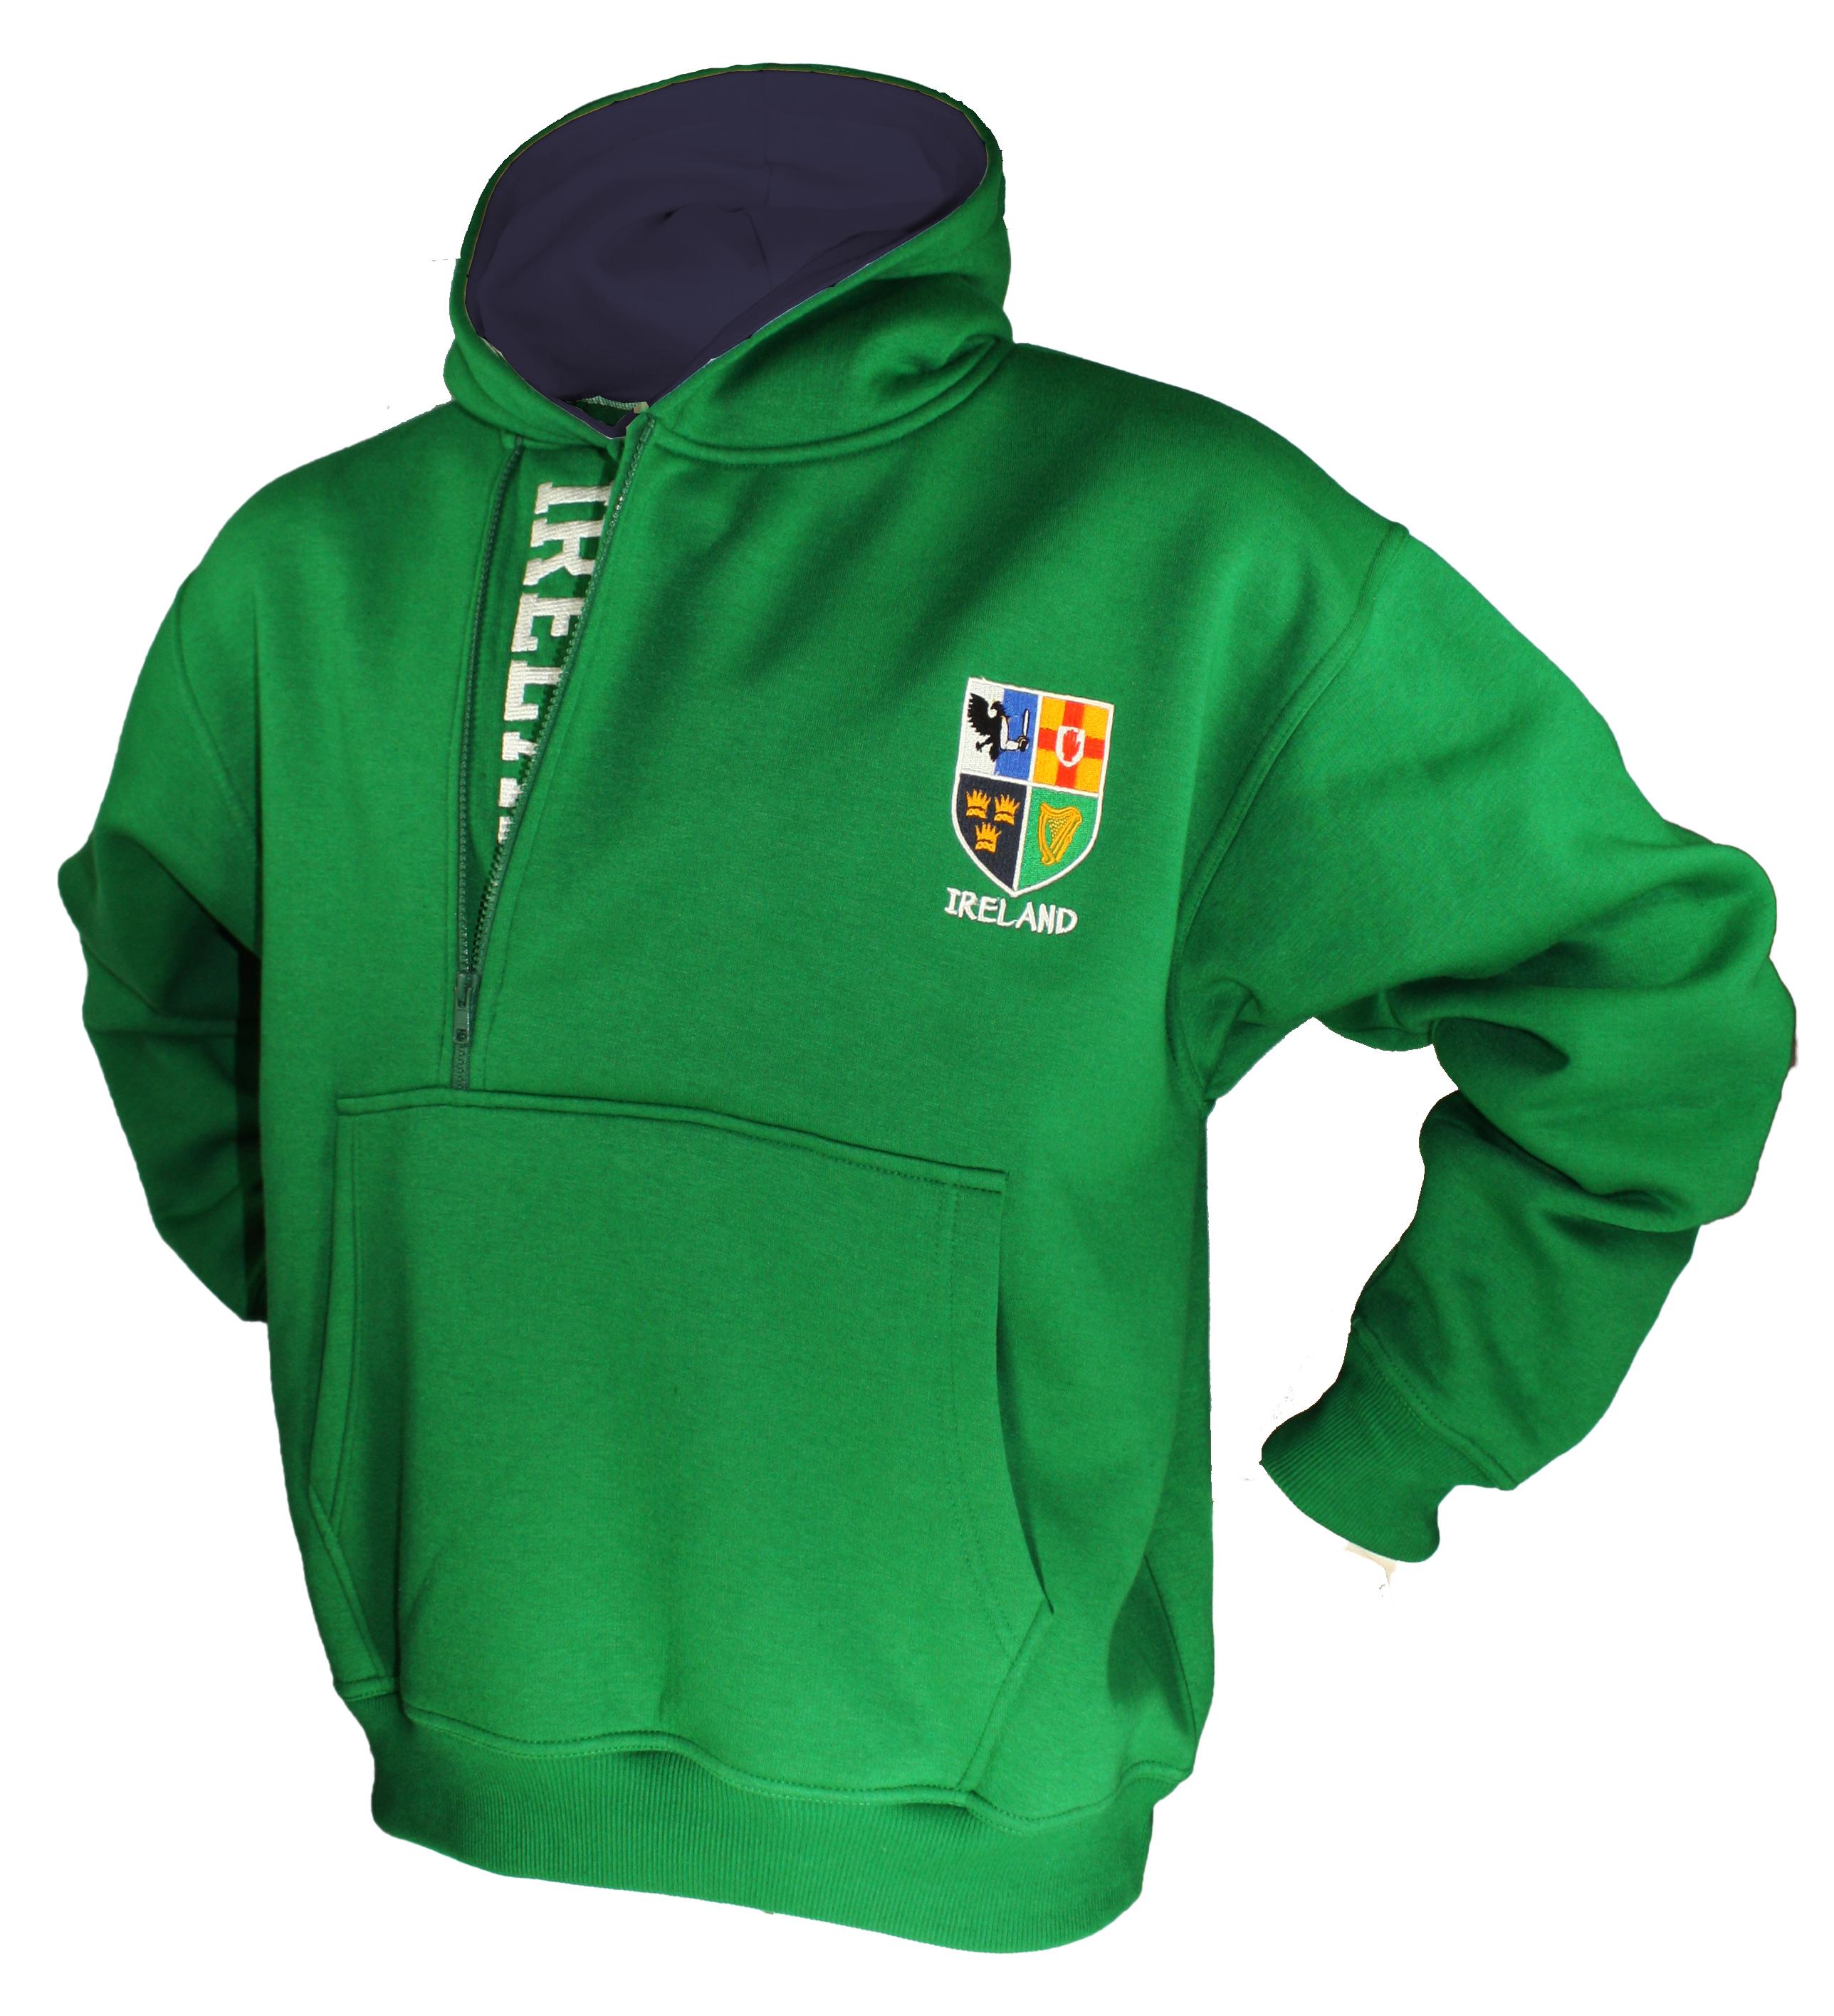 Men-039-s-Half-Zip-Hoodie-Pullover-Sweatshirt-Ireland-Navy-and-Green thumbnail 16